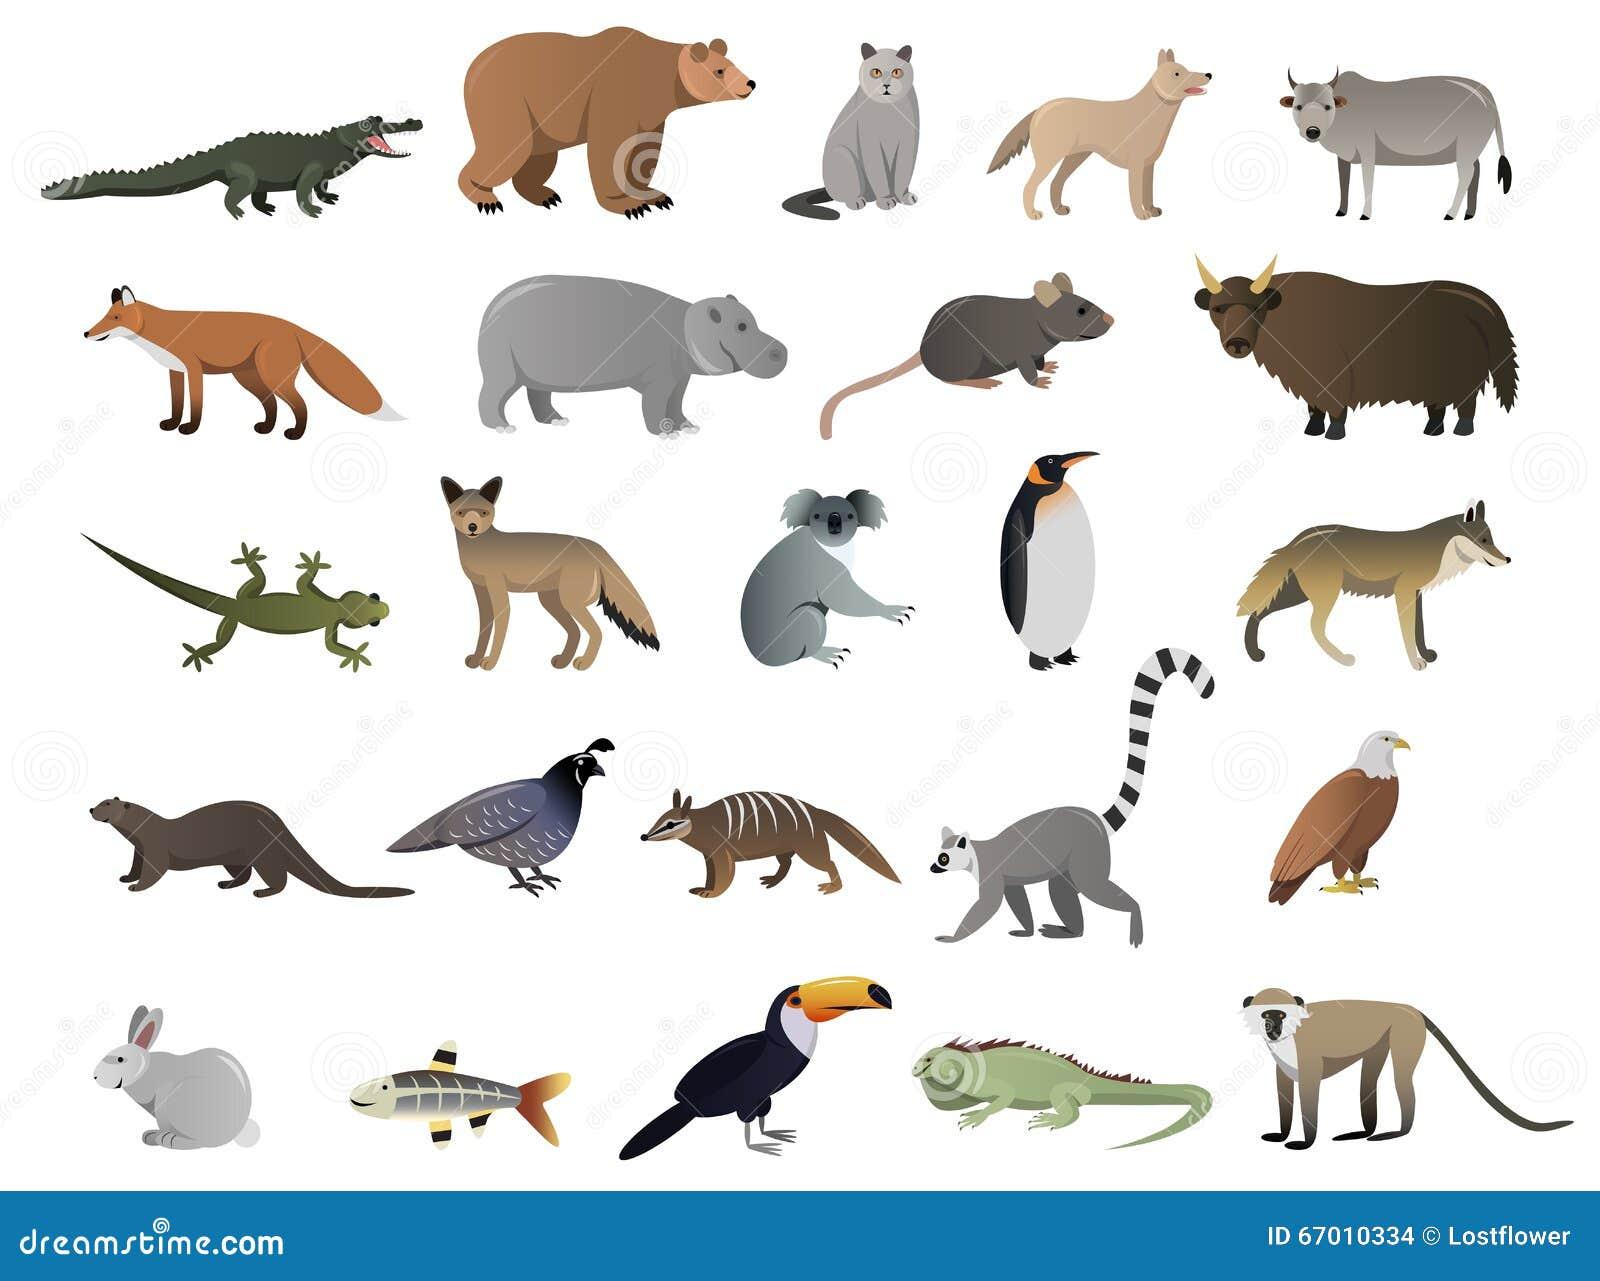 Immagine di vettore degli animali selvatici